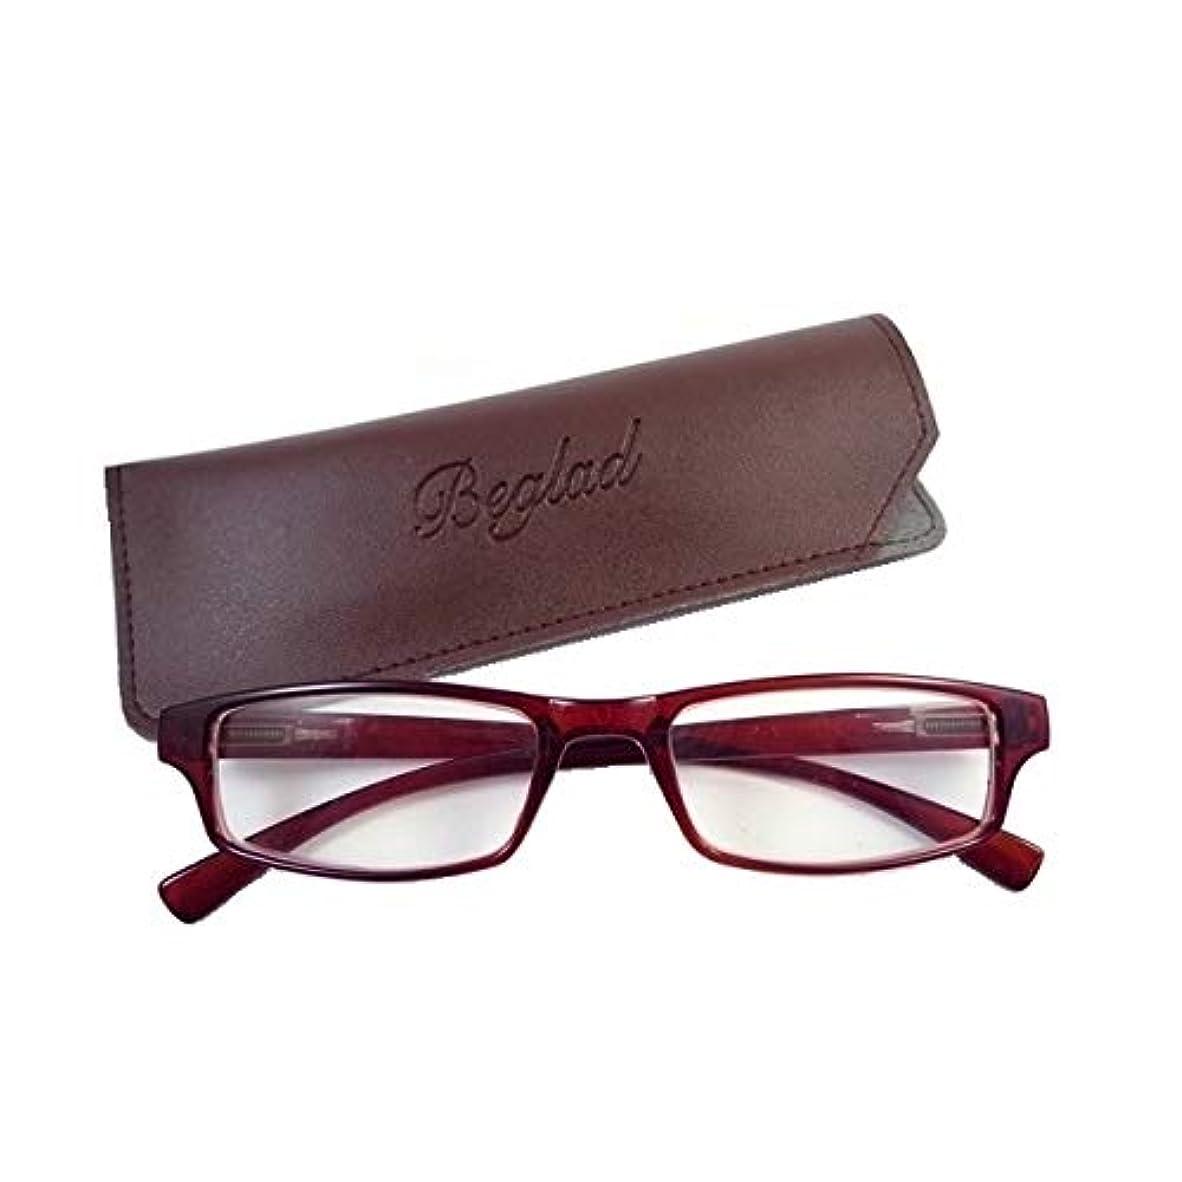 弁護士ポスターイタリアのビグラッド(BEGLAD) 老眼鏡 ブラウン 度数:+1.50 おしゃれなケース付 BGT1009BR